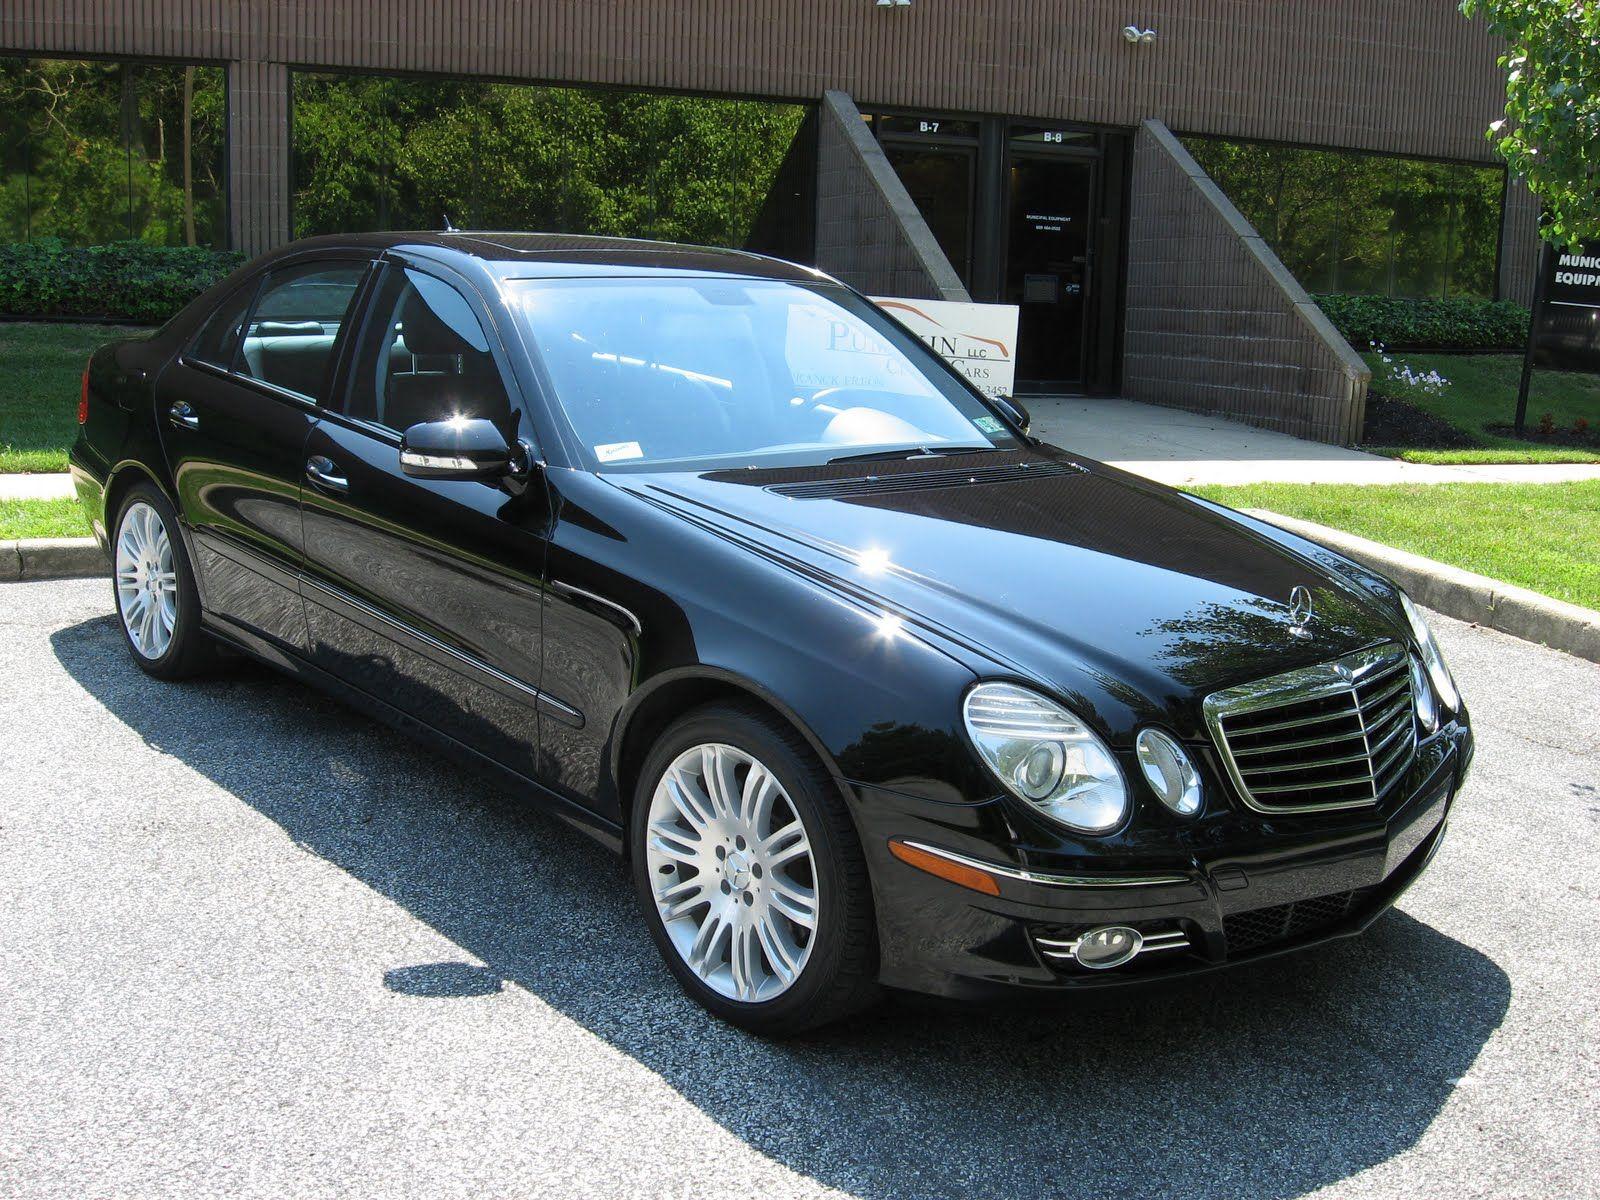 Pumpkin Fine Cars And Exotics 2007 Mercedes Benz E350 4matic Mercedes Benz E350 Mercedes Benz Benz